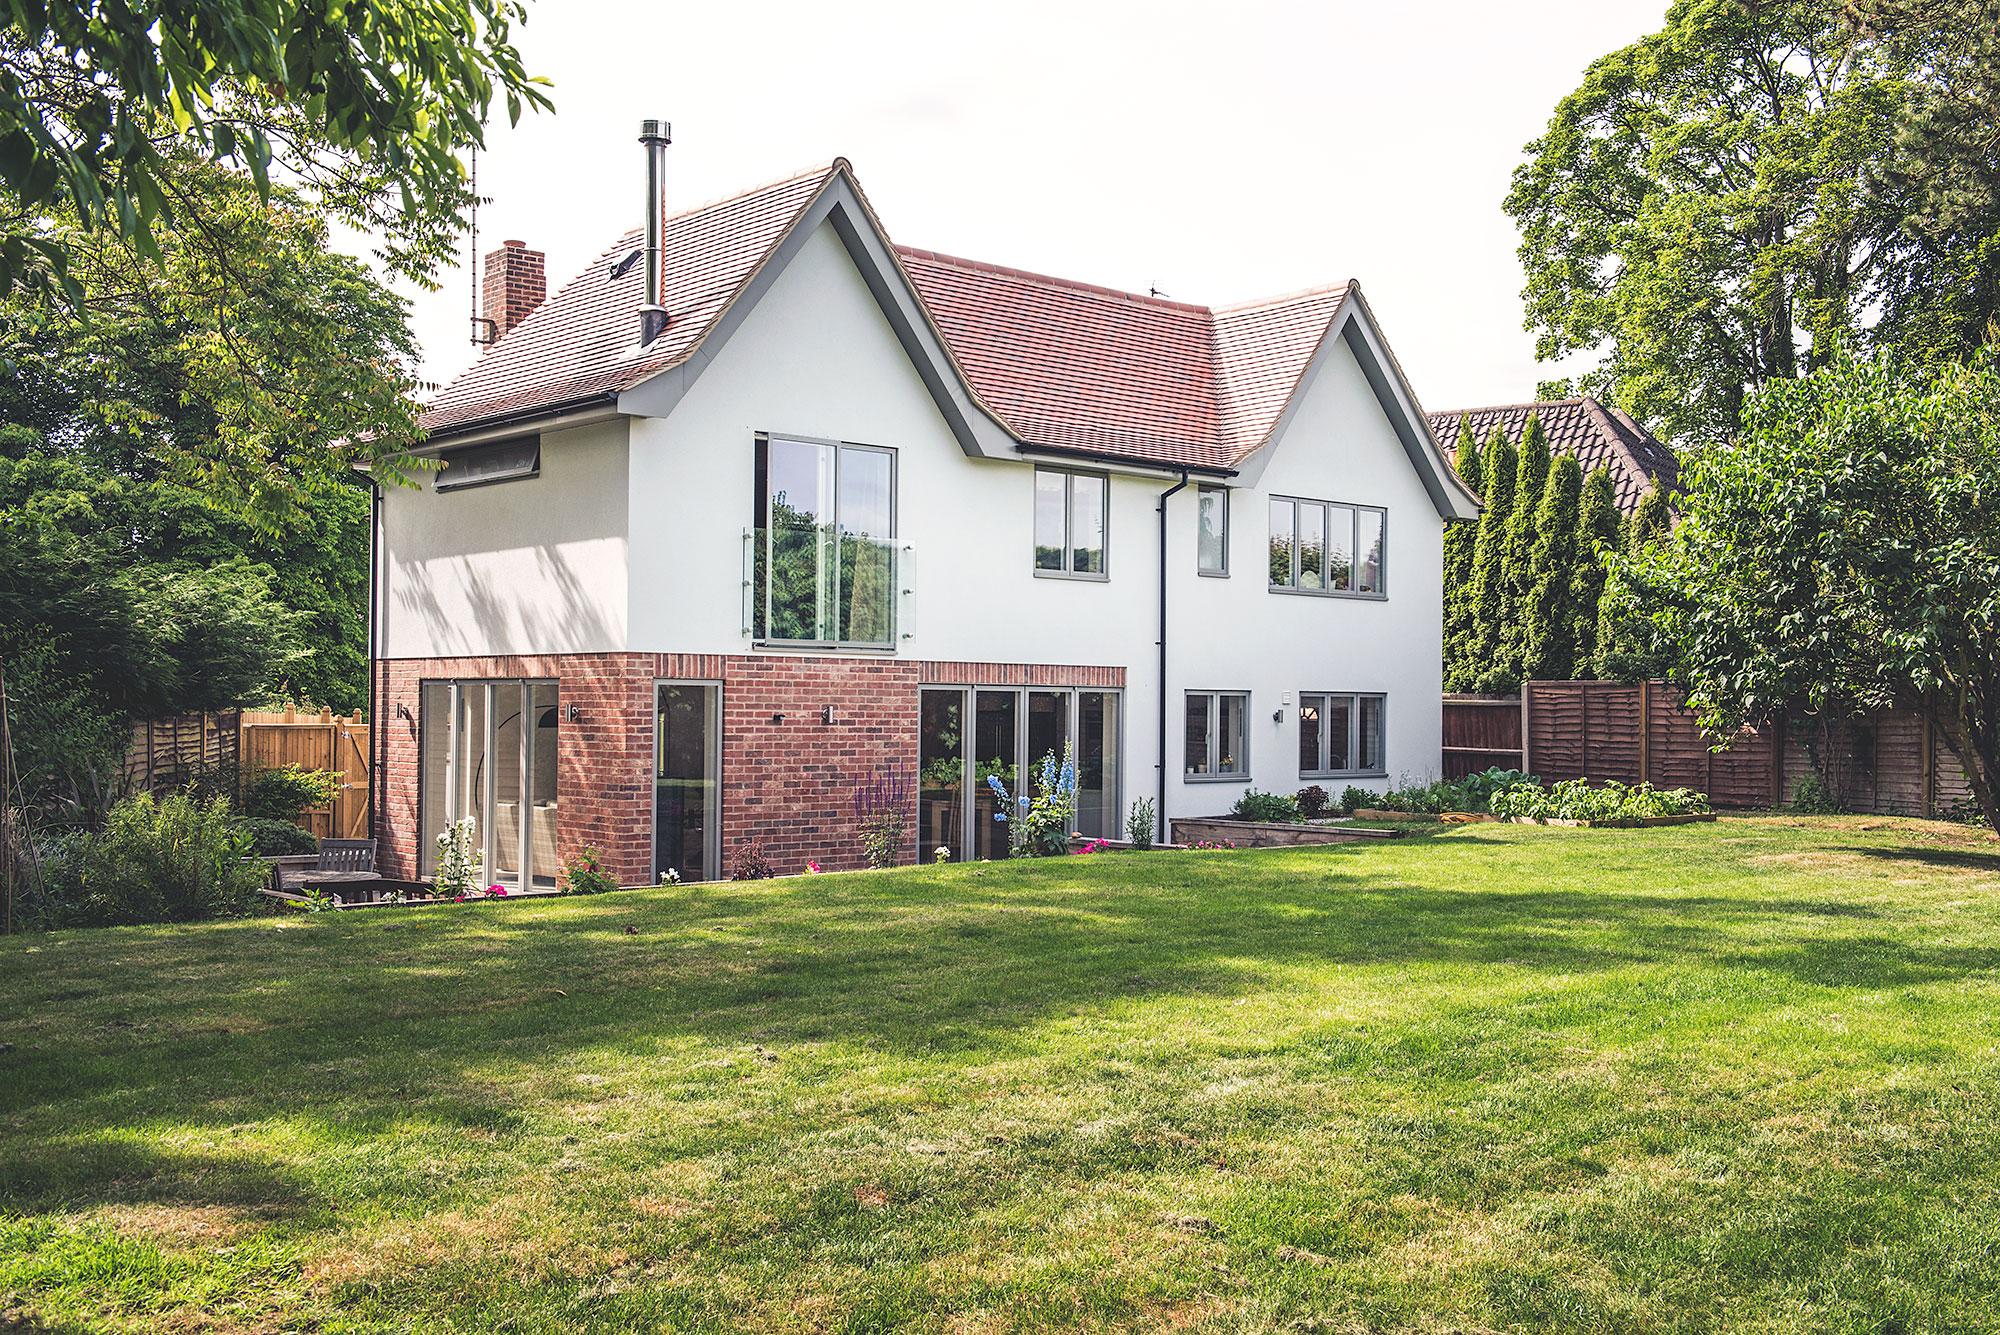 Architectural photography newbury berkshire jawphotography Home architecture newbury